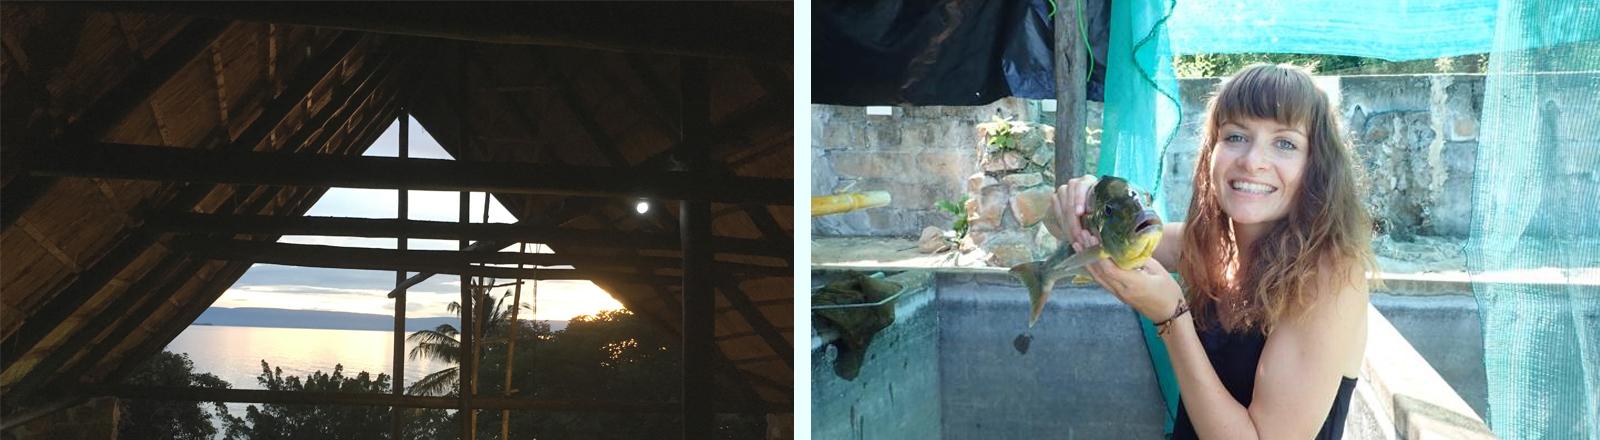 Links: Ausblick aus einem Haus auf den Tanganjikasee, rechts: Die Biologin Carolin Sommer-Trembo hält einen Buntbarsch hoch.